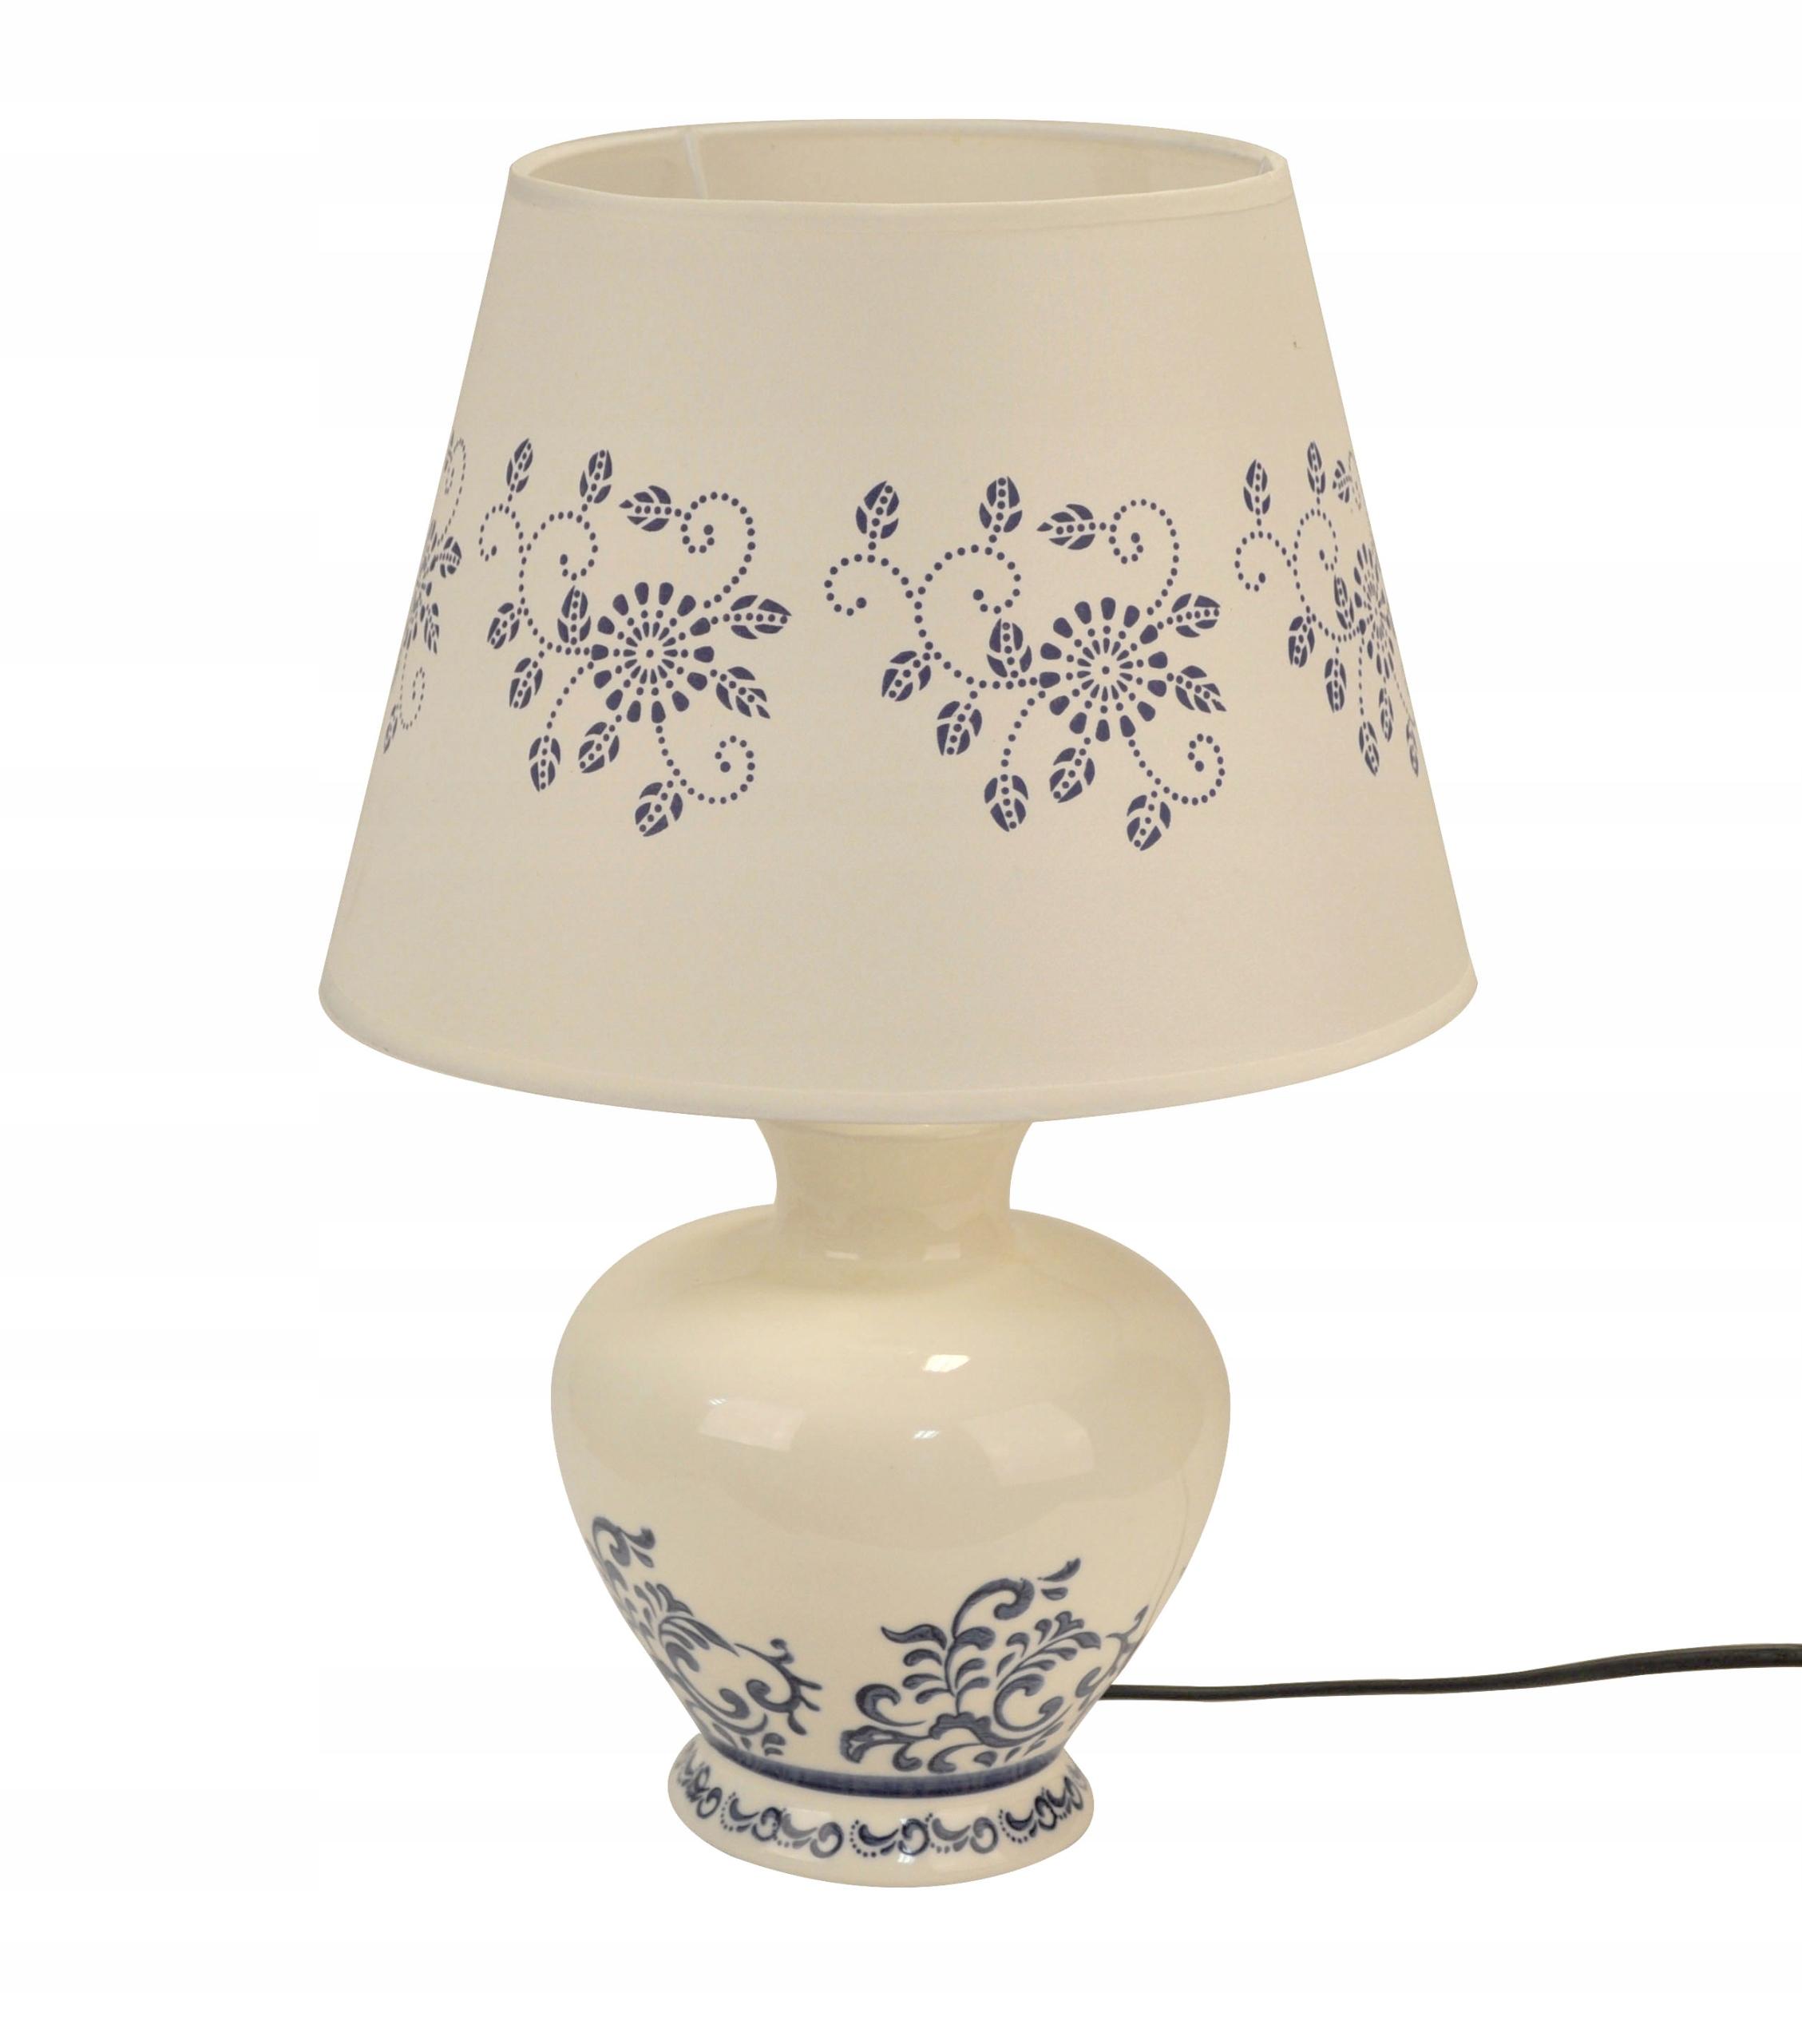 Stolná lampa stojaca lampa nočný ornament